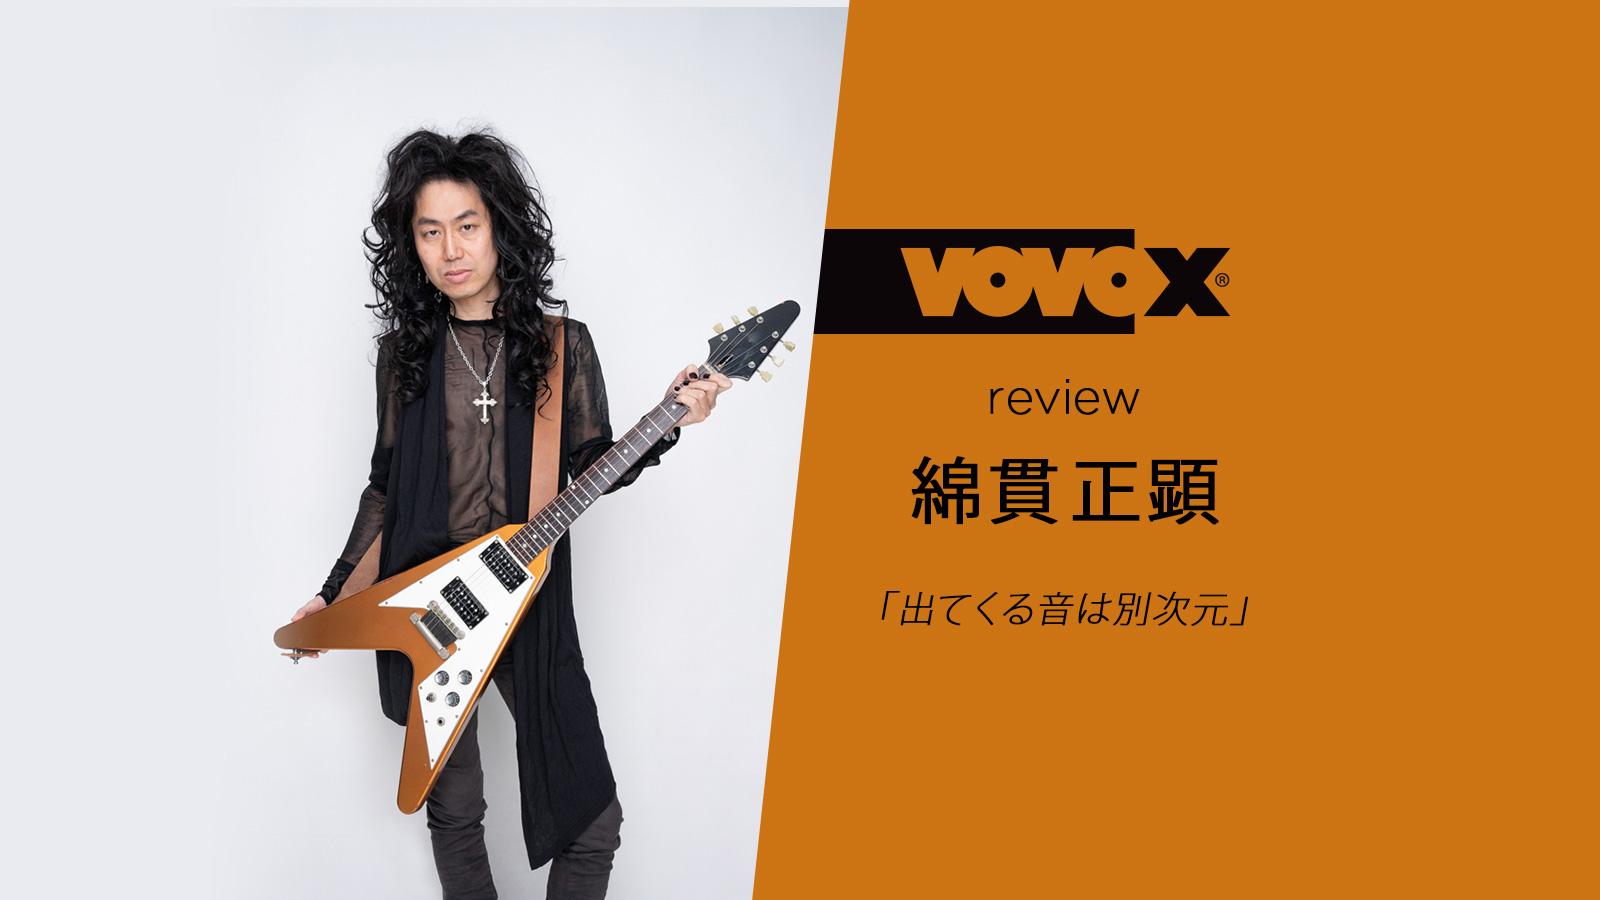 VOVOX レビュー:綿貫 正顕 氏